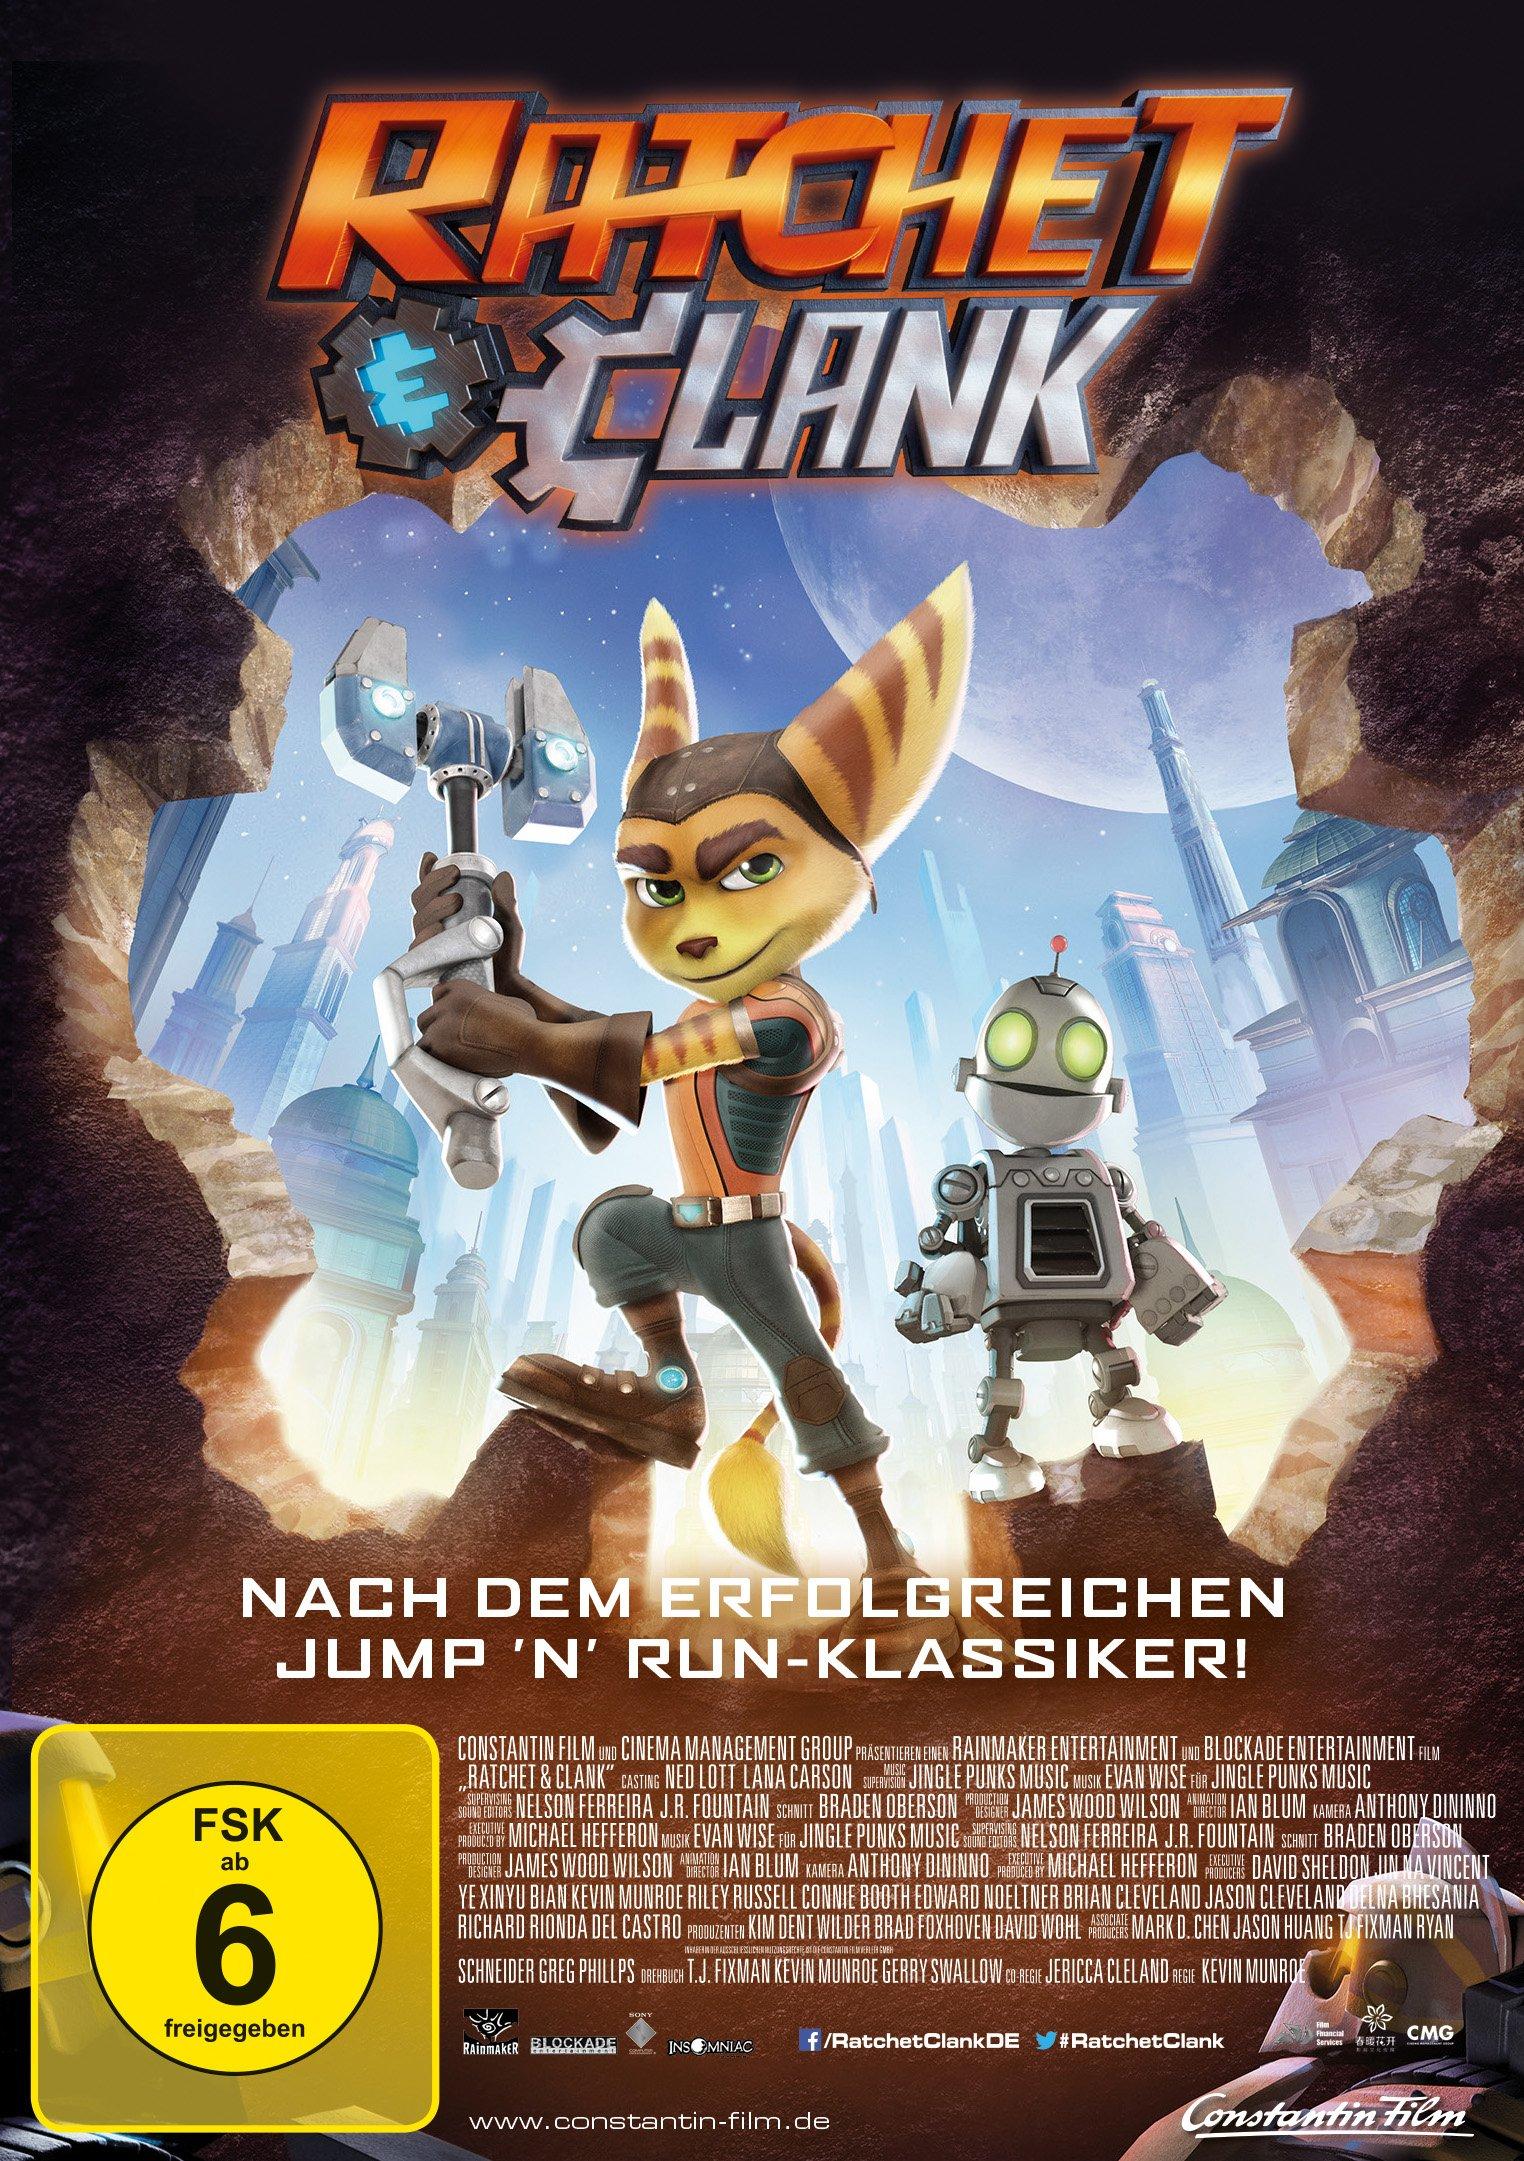 : Ratchet und Clank 2016 German Dts Dl 720p BluRay x264-CoiNciDence